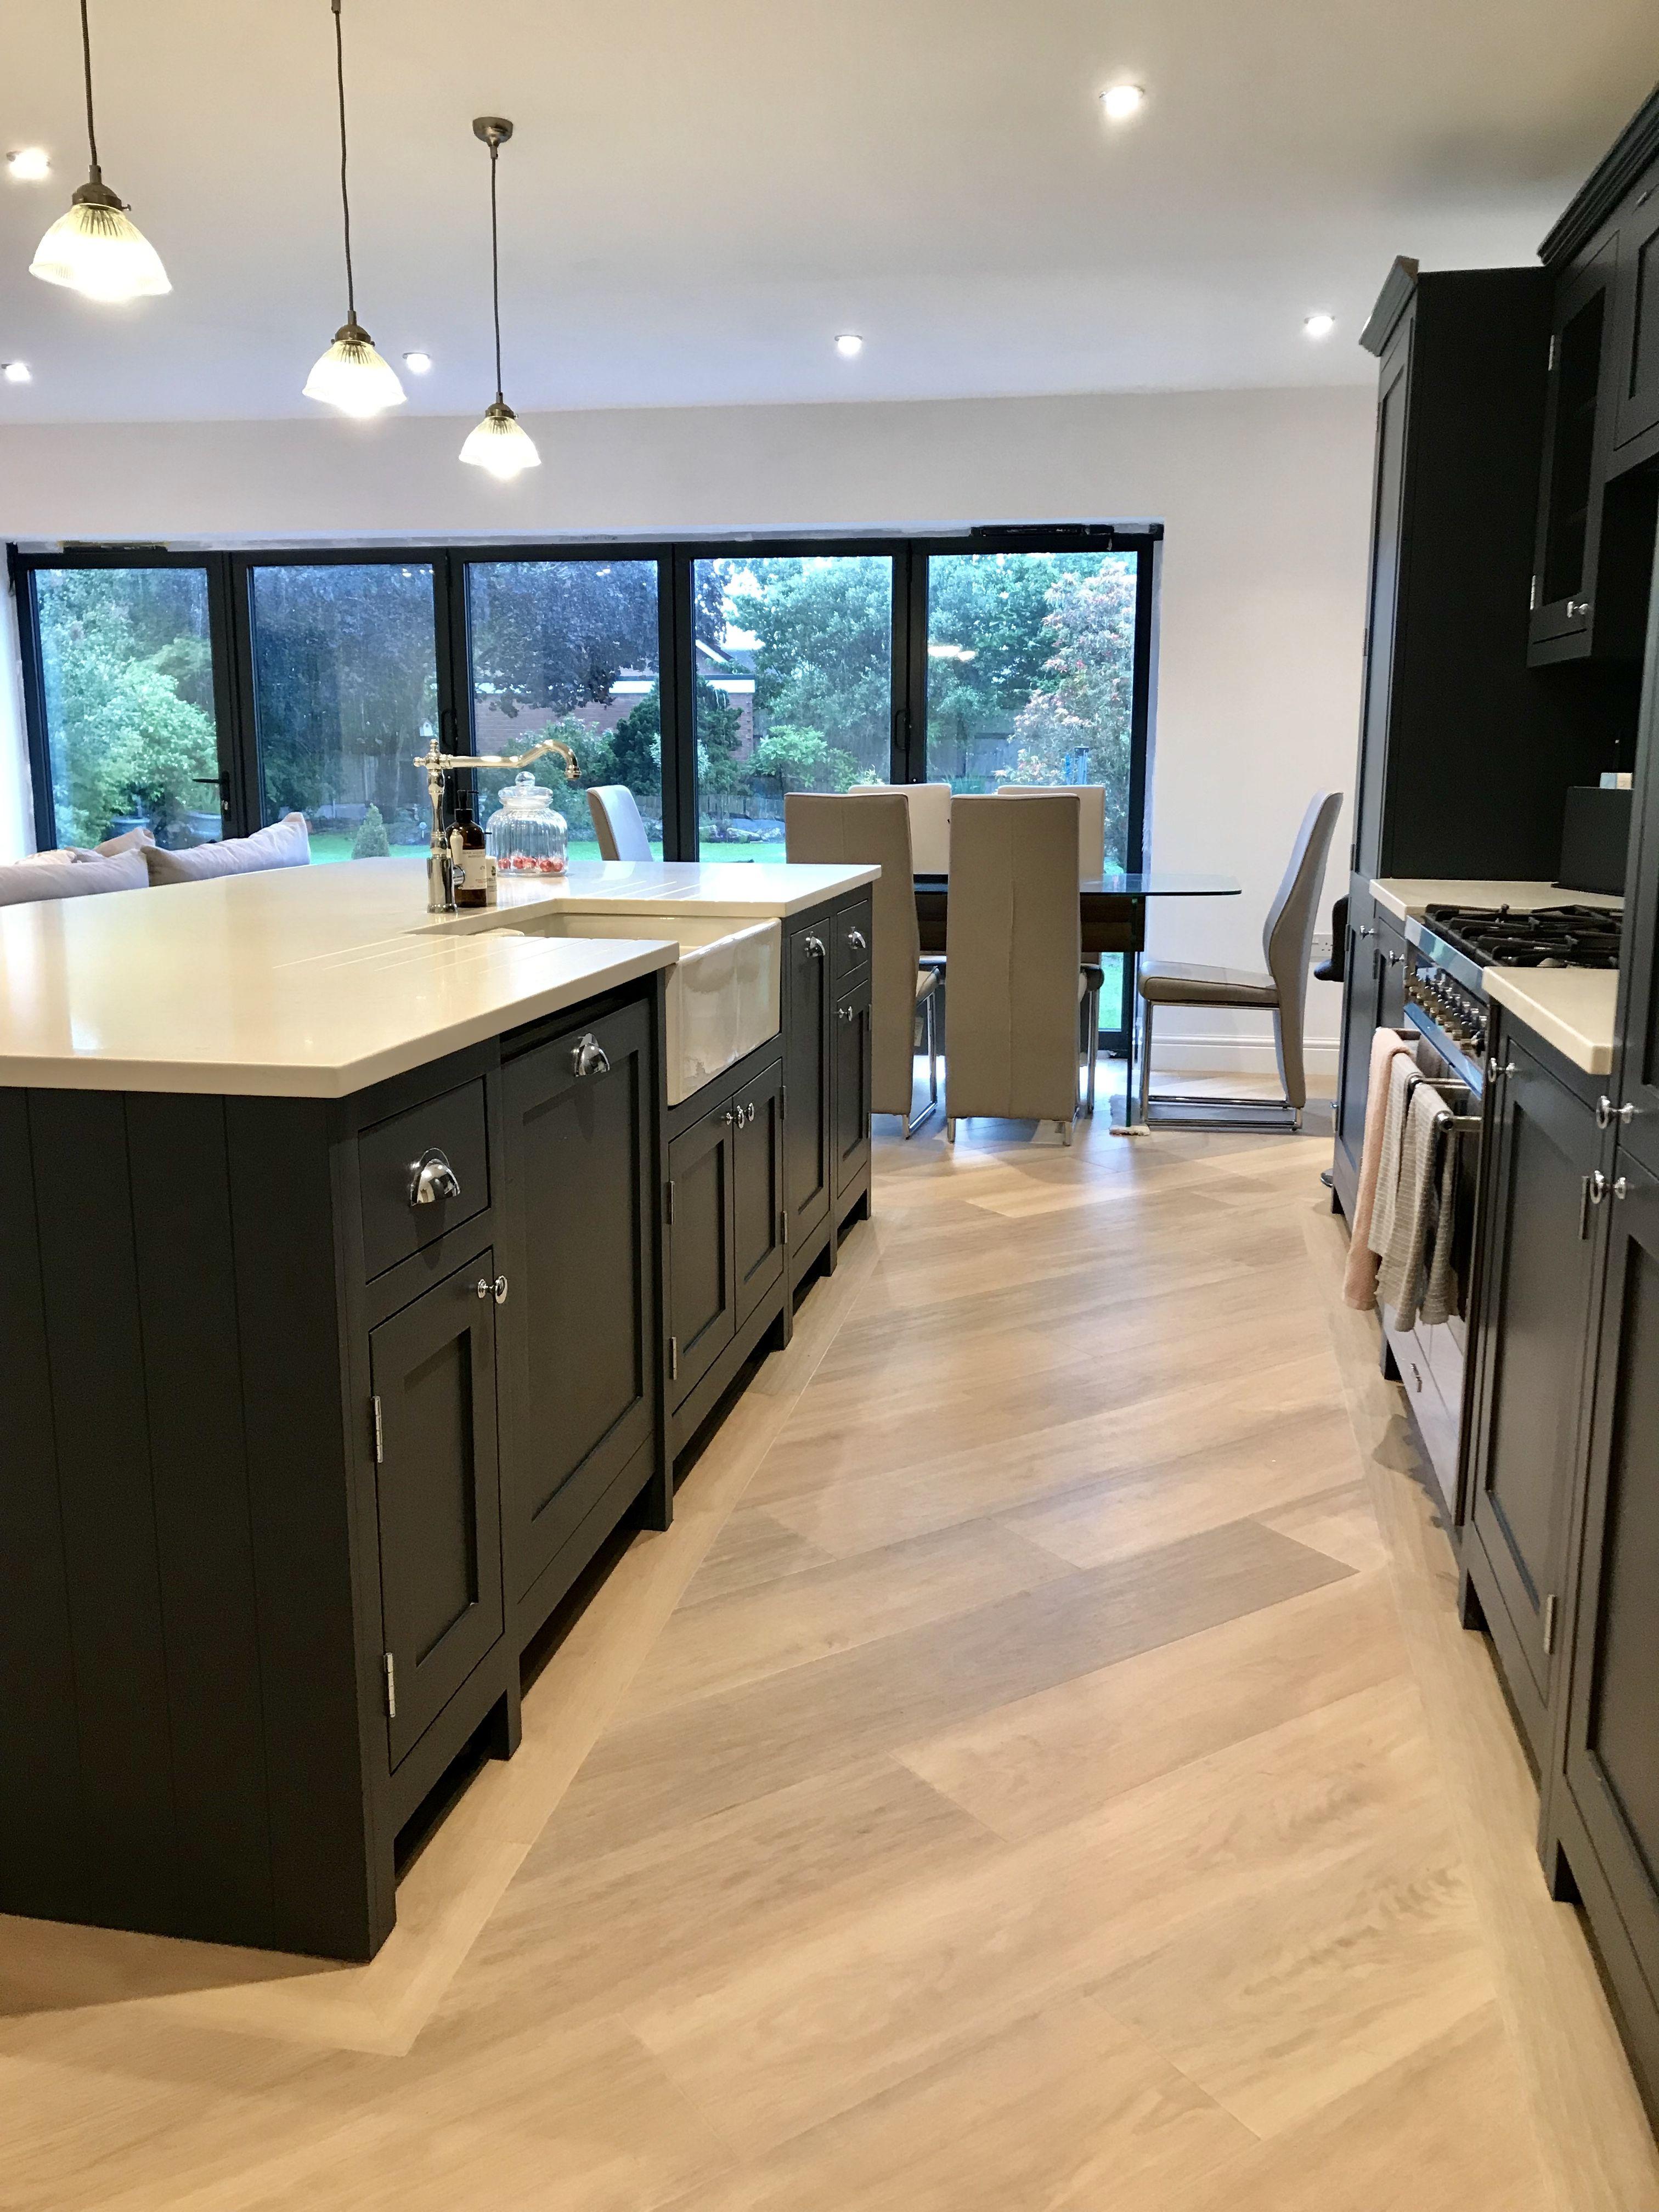 Shaker Kitchen With Island Kitchen Flooring Open Plan Kitchen Living Room Open Plan Kitchen Dining